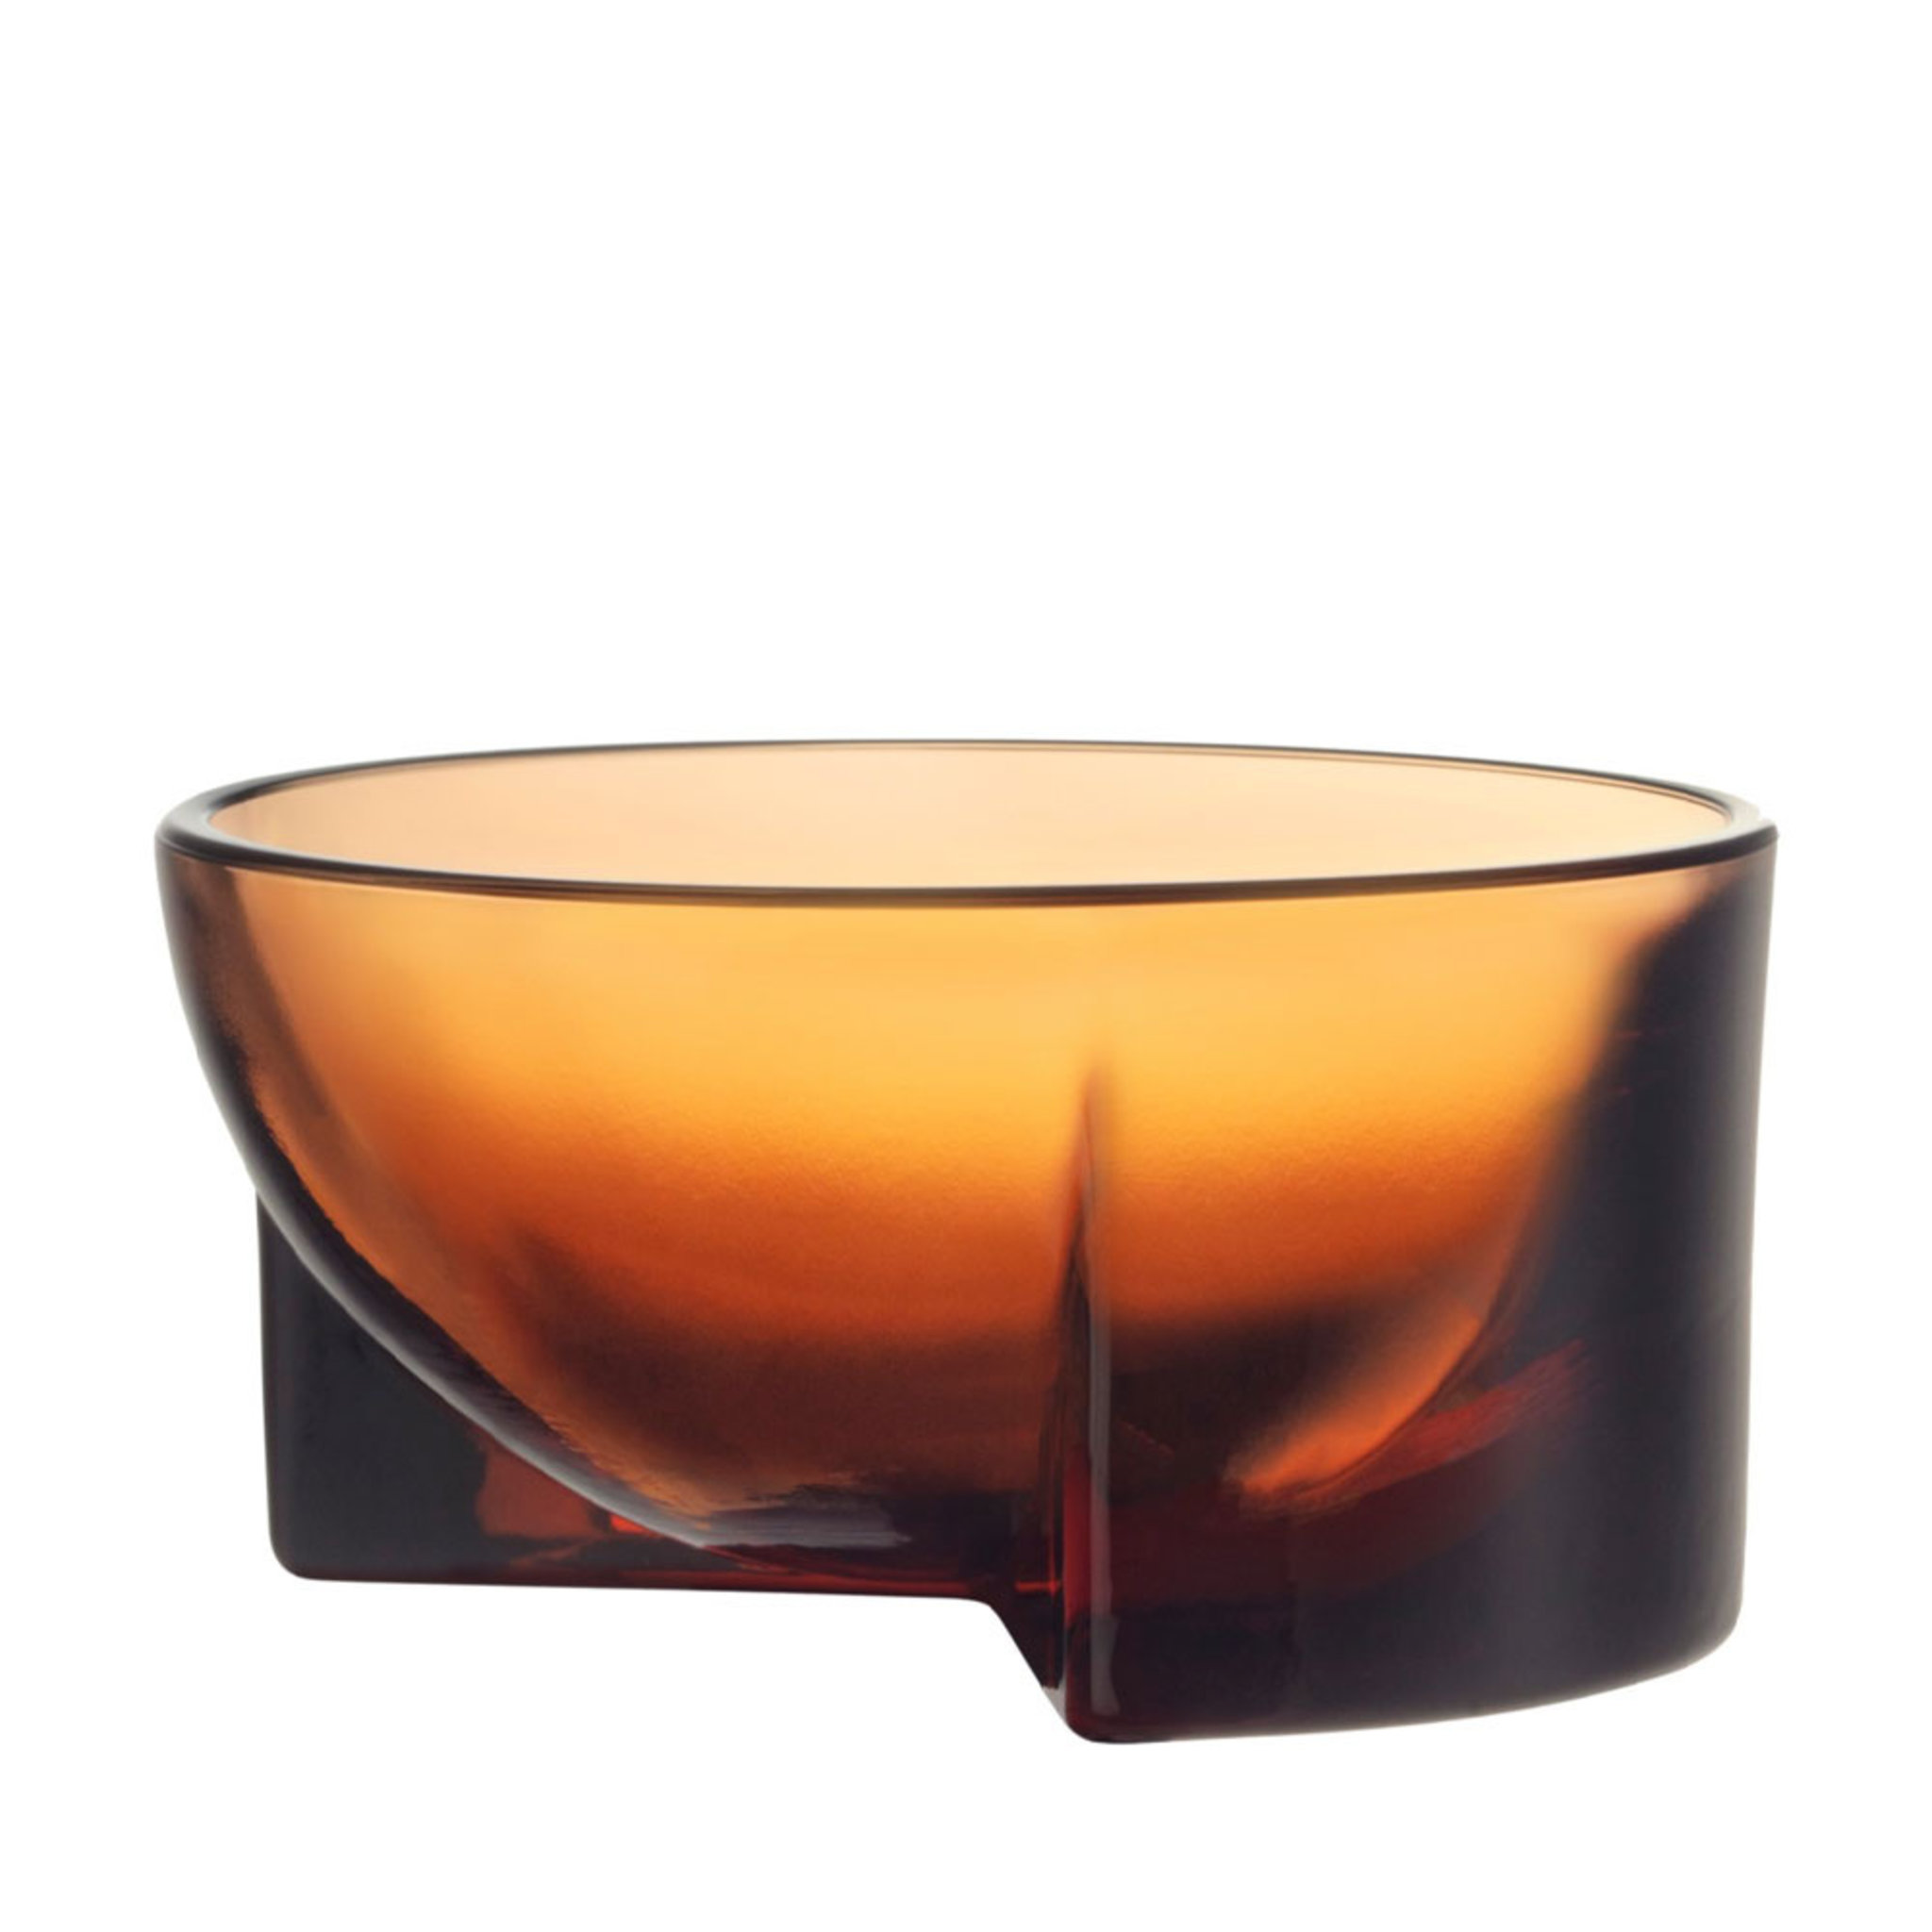 Kuru skål 130 x 60 mm